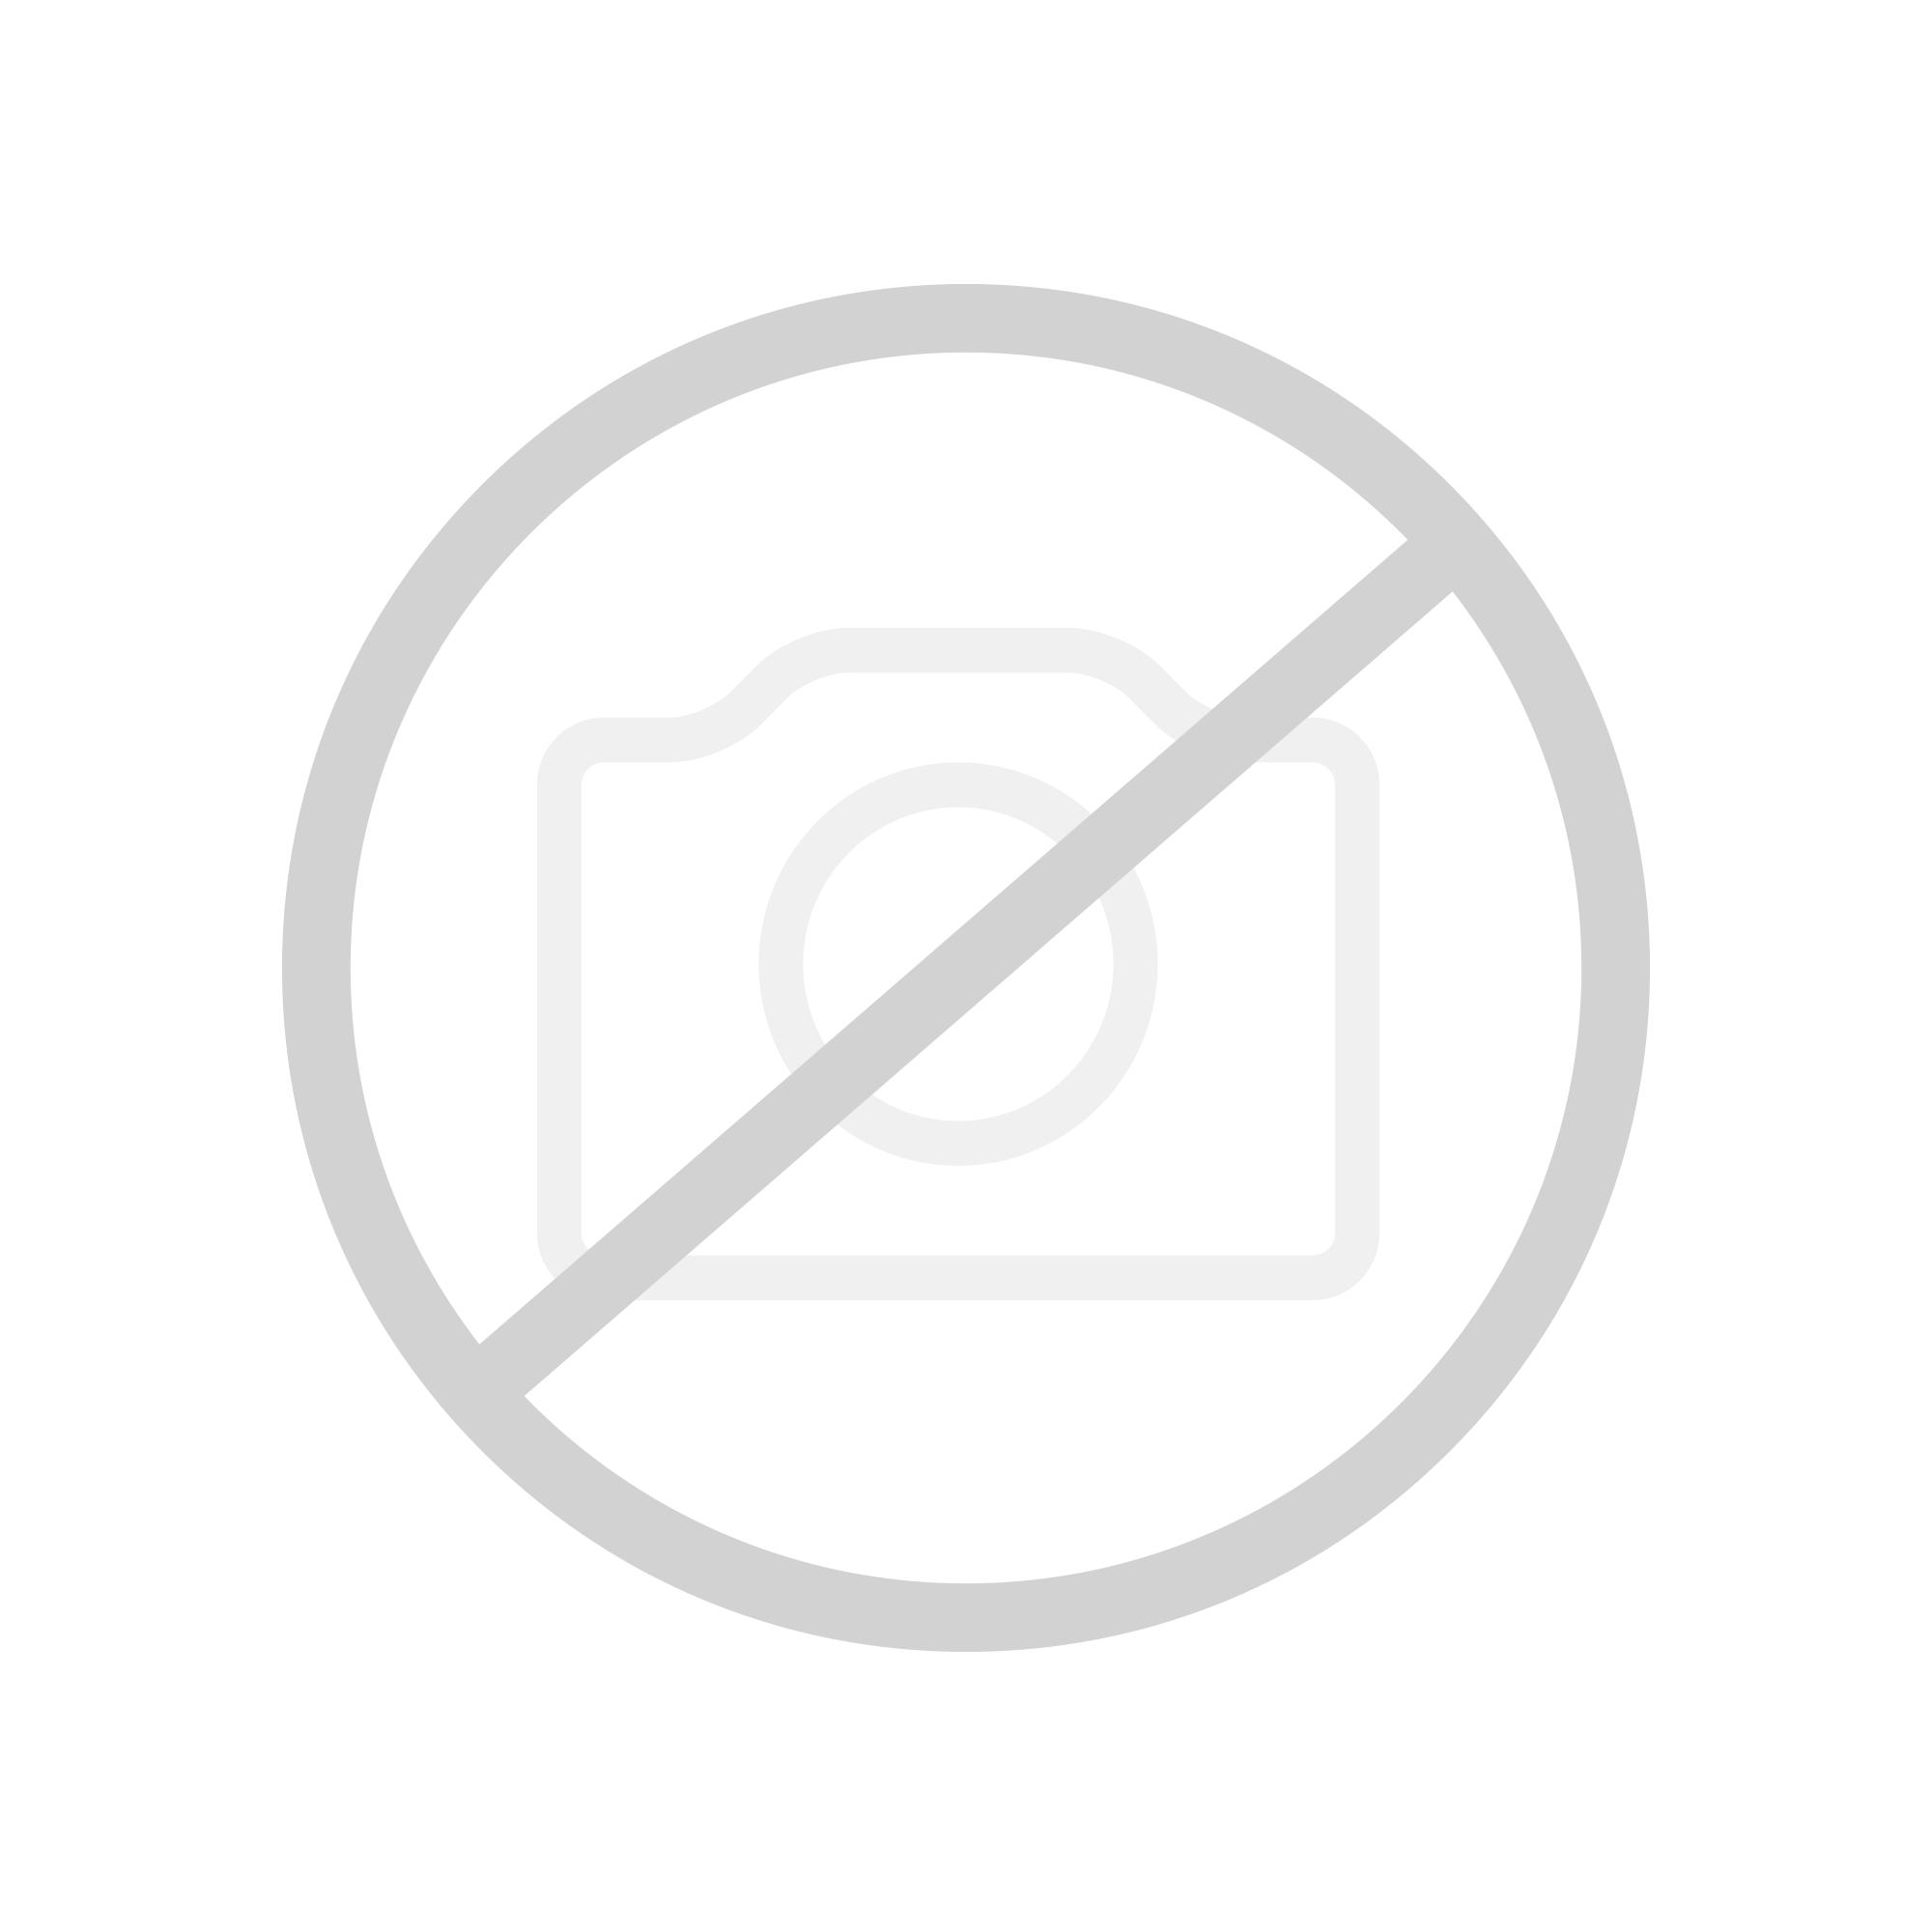 Keramag Renova Nr. 1 Plan Hängeschrank B: 39 H: 70 T: 17,3 cm Front und Korpus weiß hochglanz